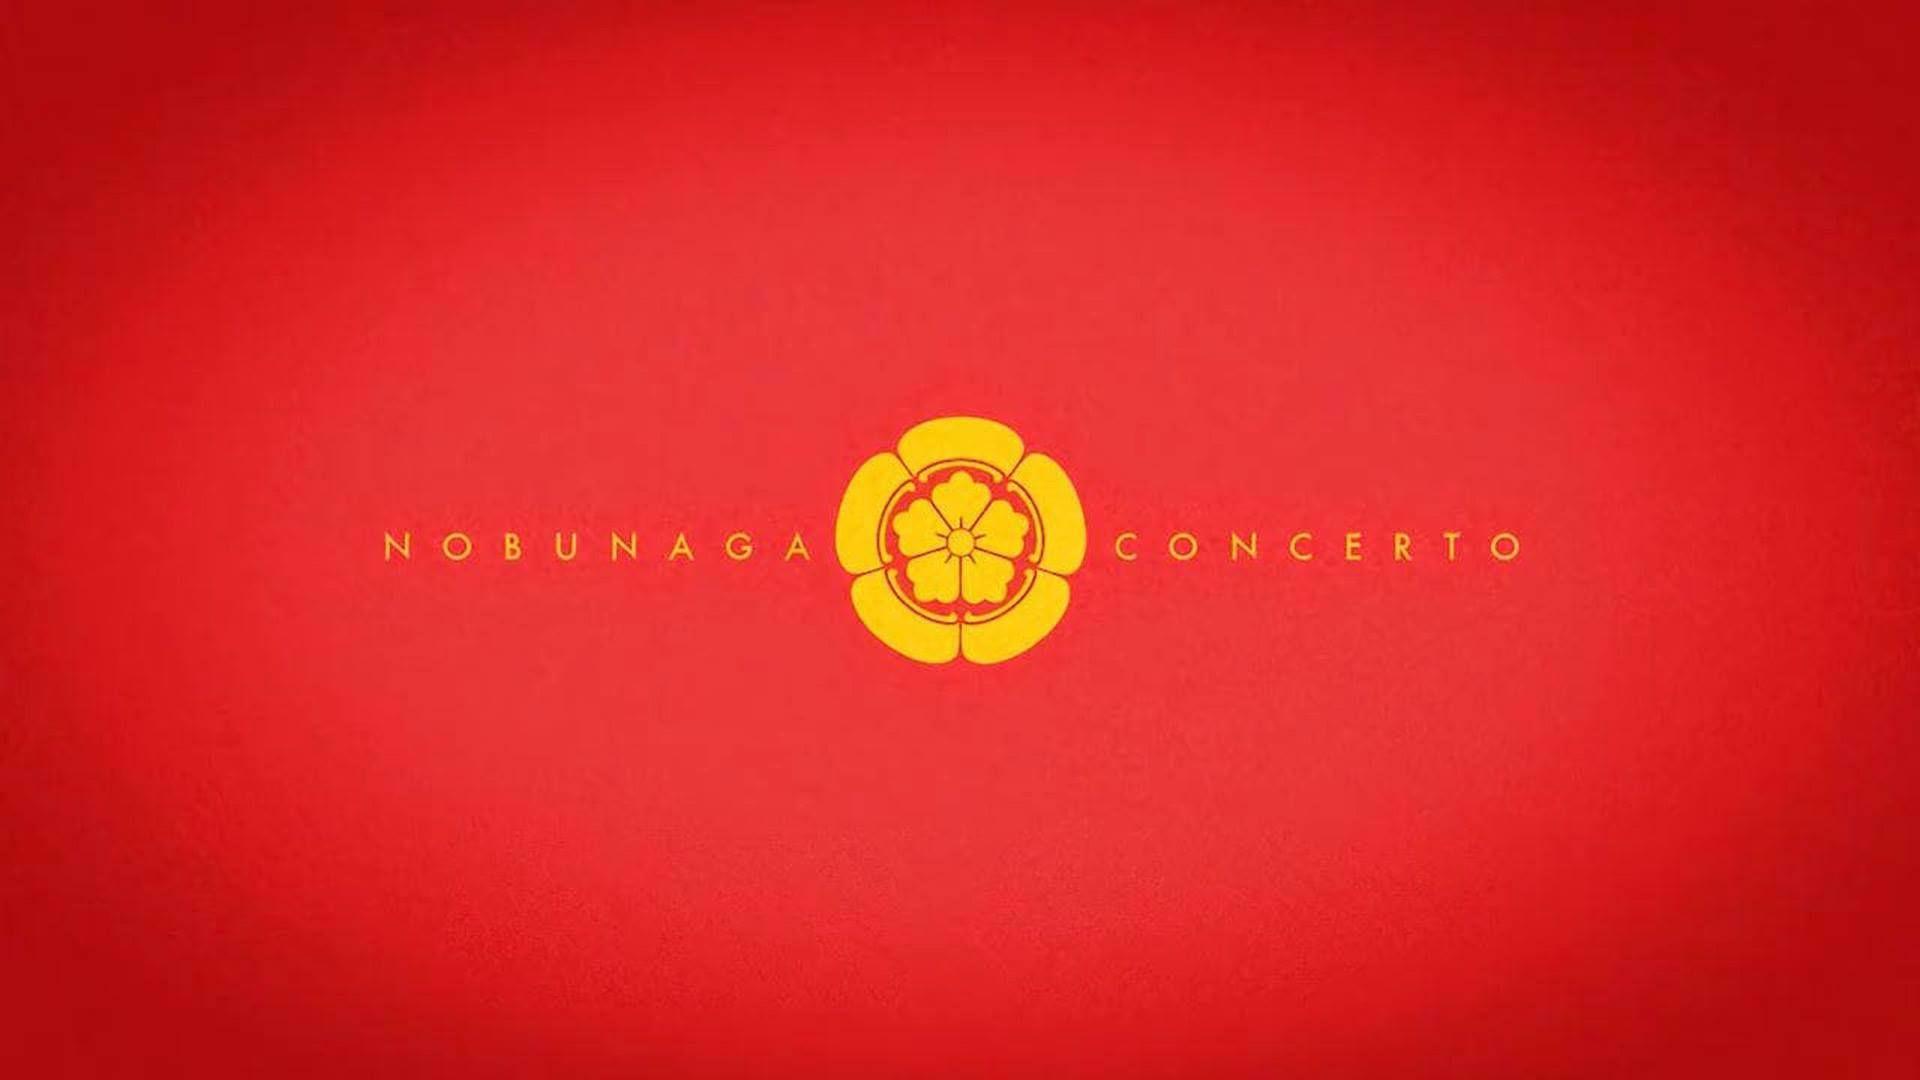 Nobunaga Concerto Movies In